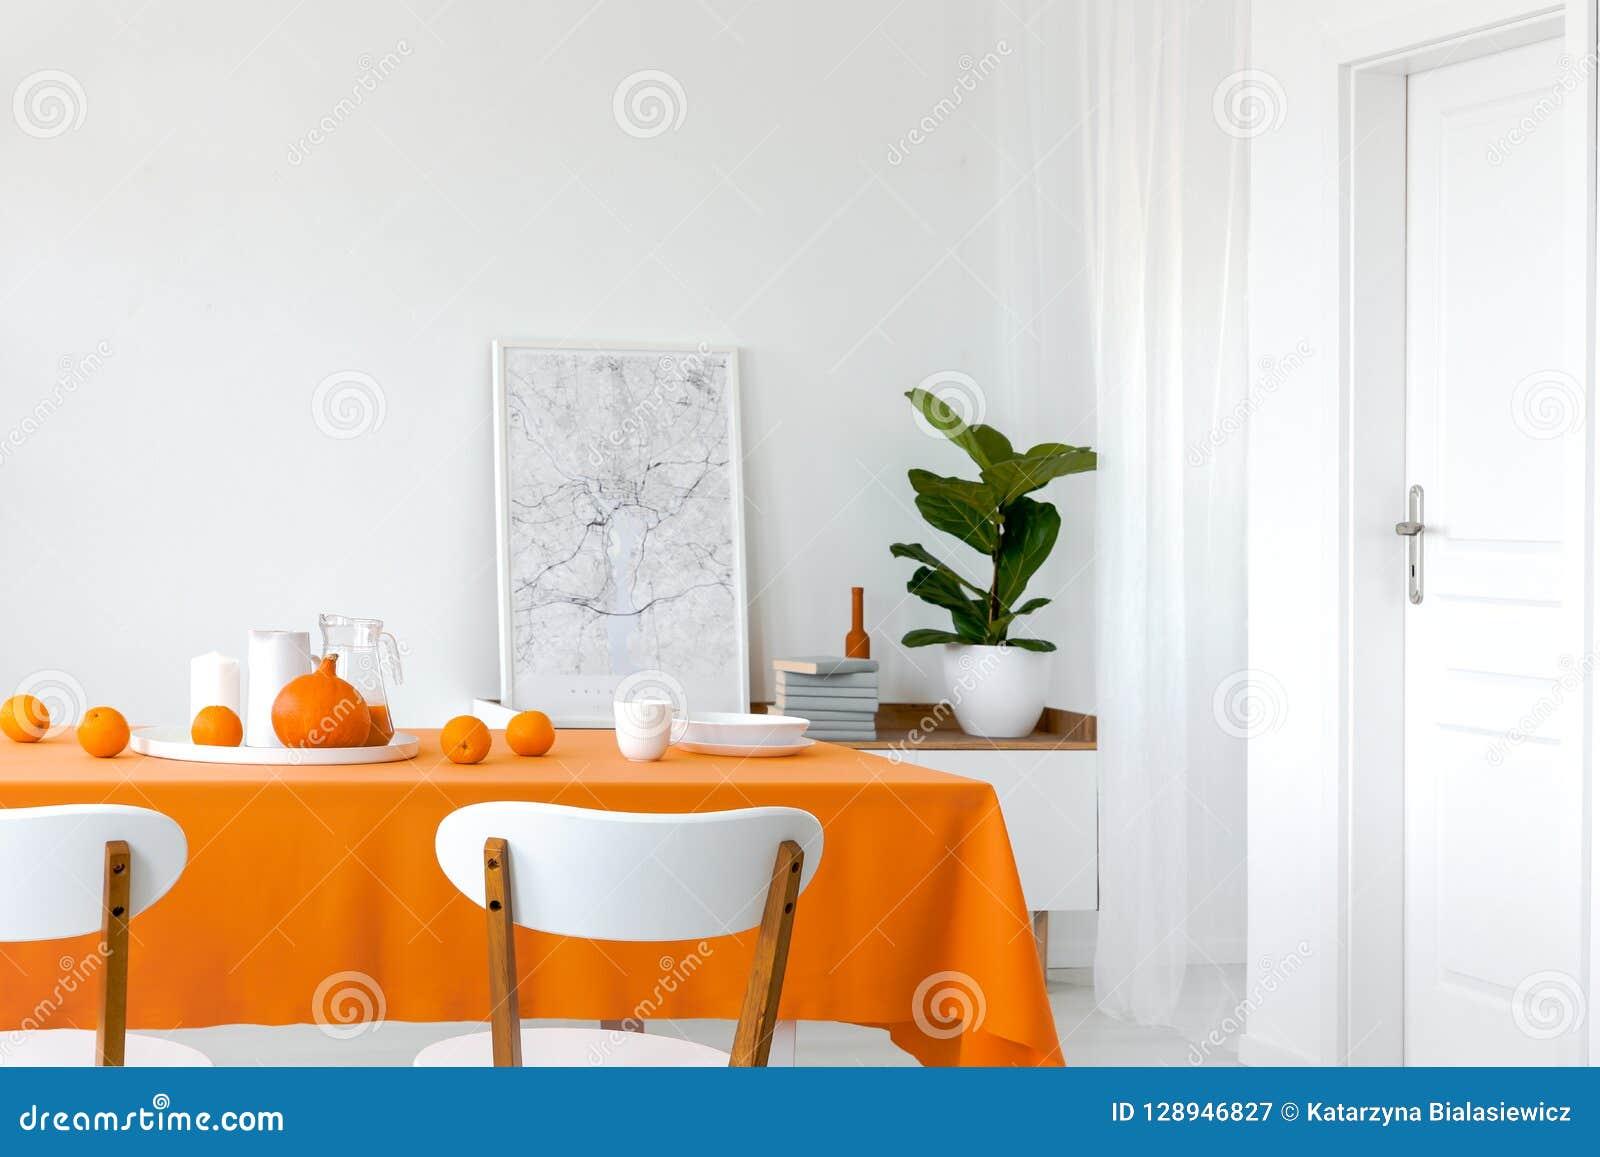 Kürbis und Orangen auf dem Esszimmertisch, gestaltete Karte nahe bei Stapel von Büchern im Regal